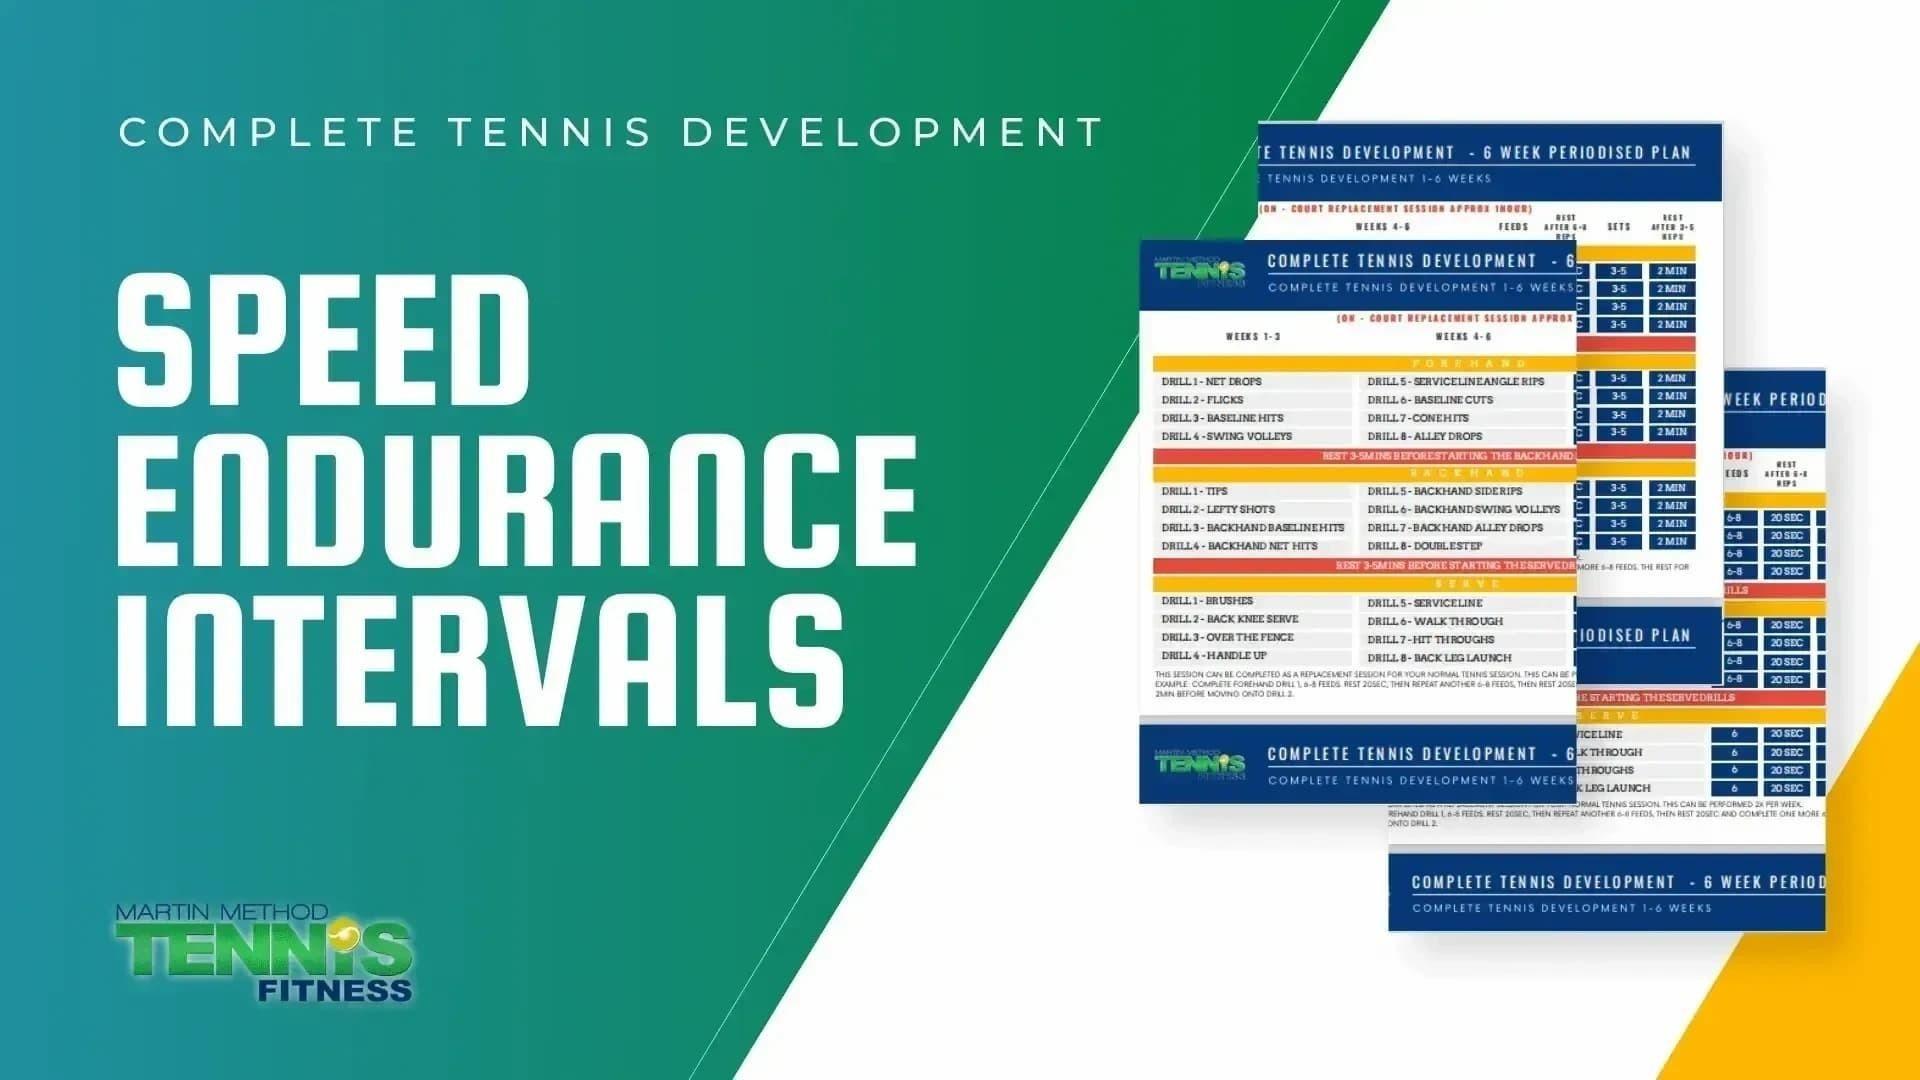 tennis-speed-endurance-intervals